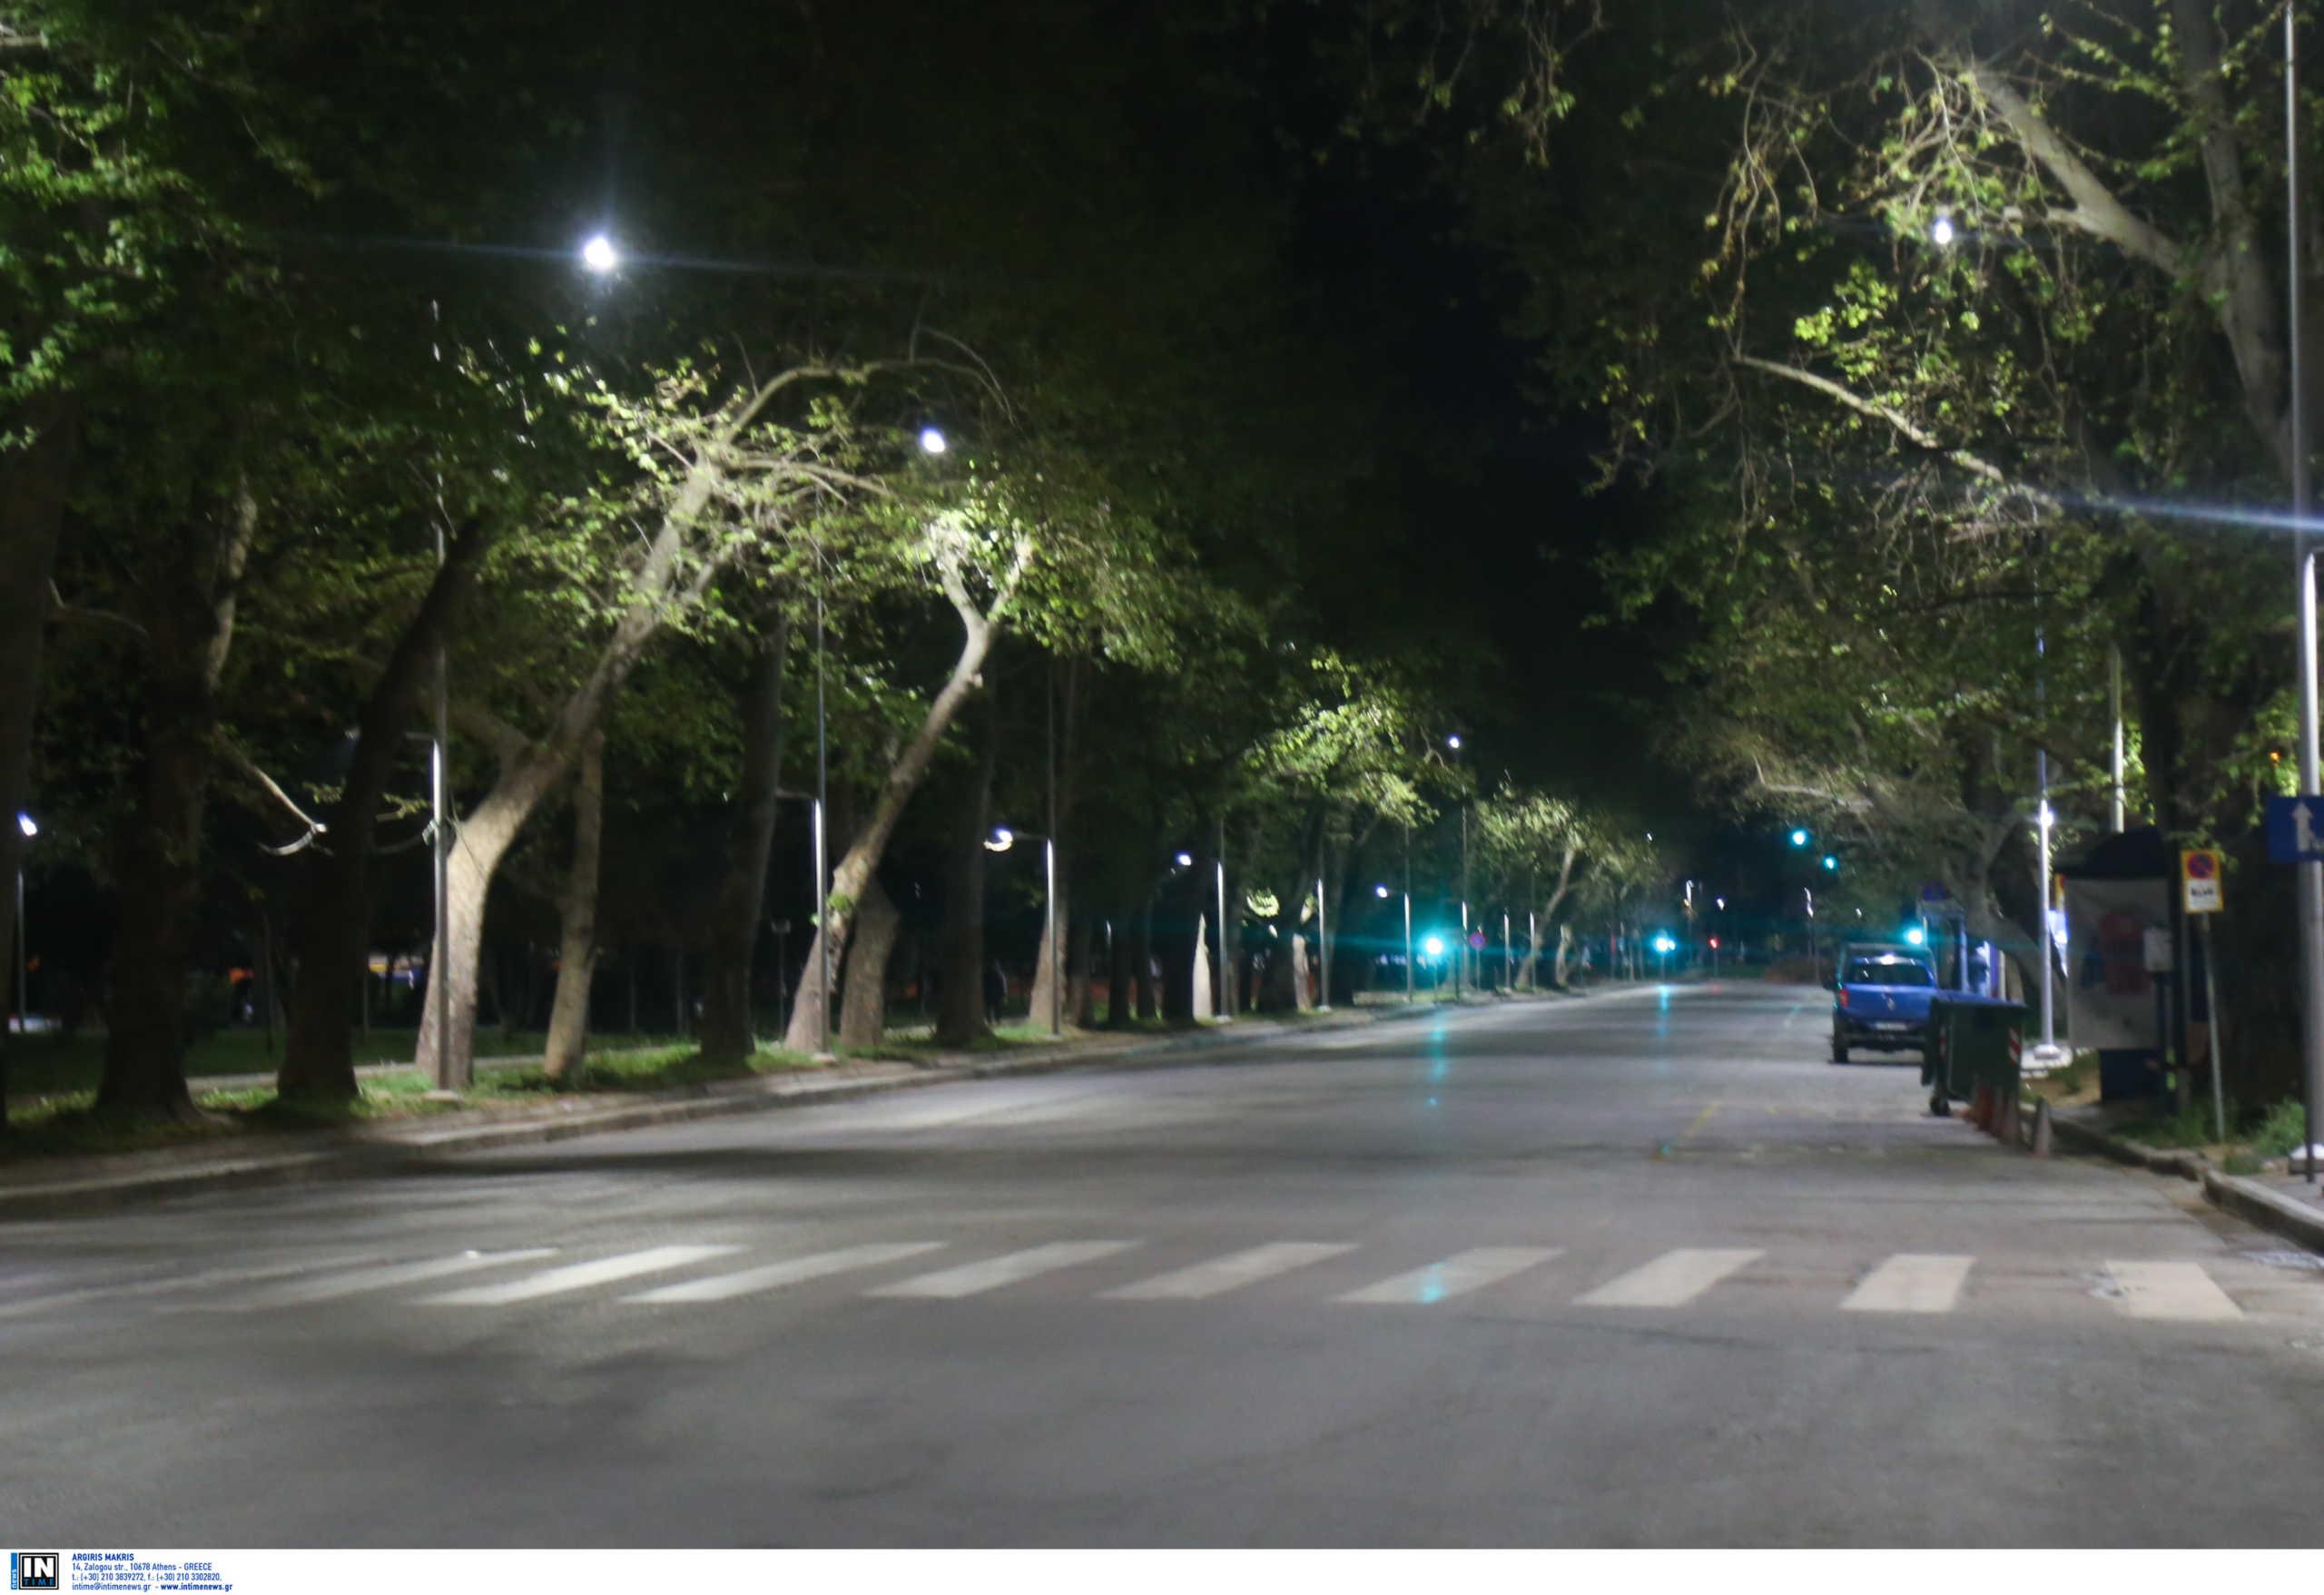 απαγόρευση κυκλοφορίας στην Αθήνα και άδειοι δρόμοι